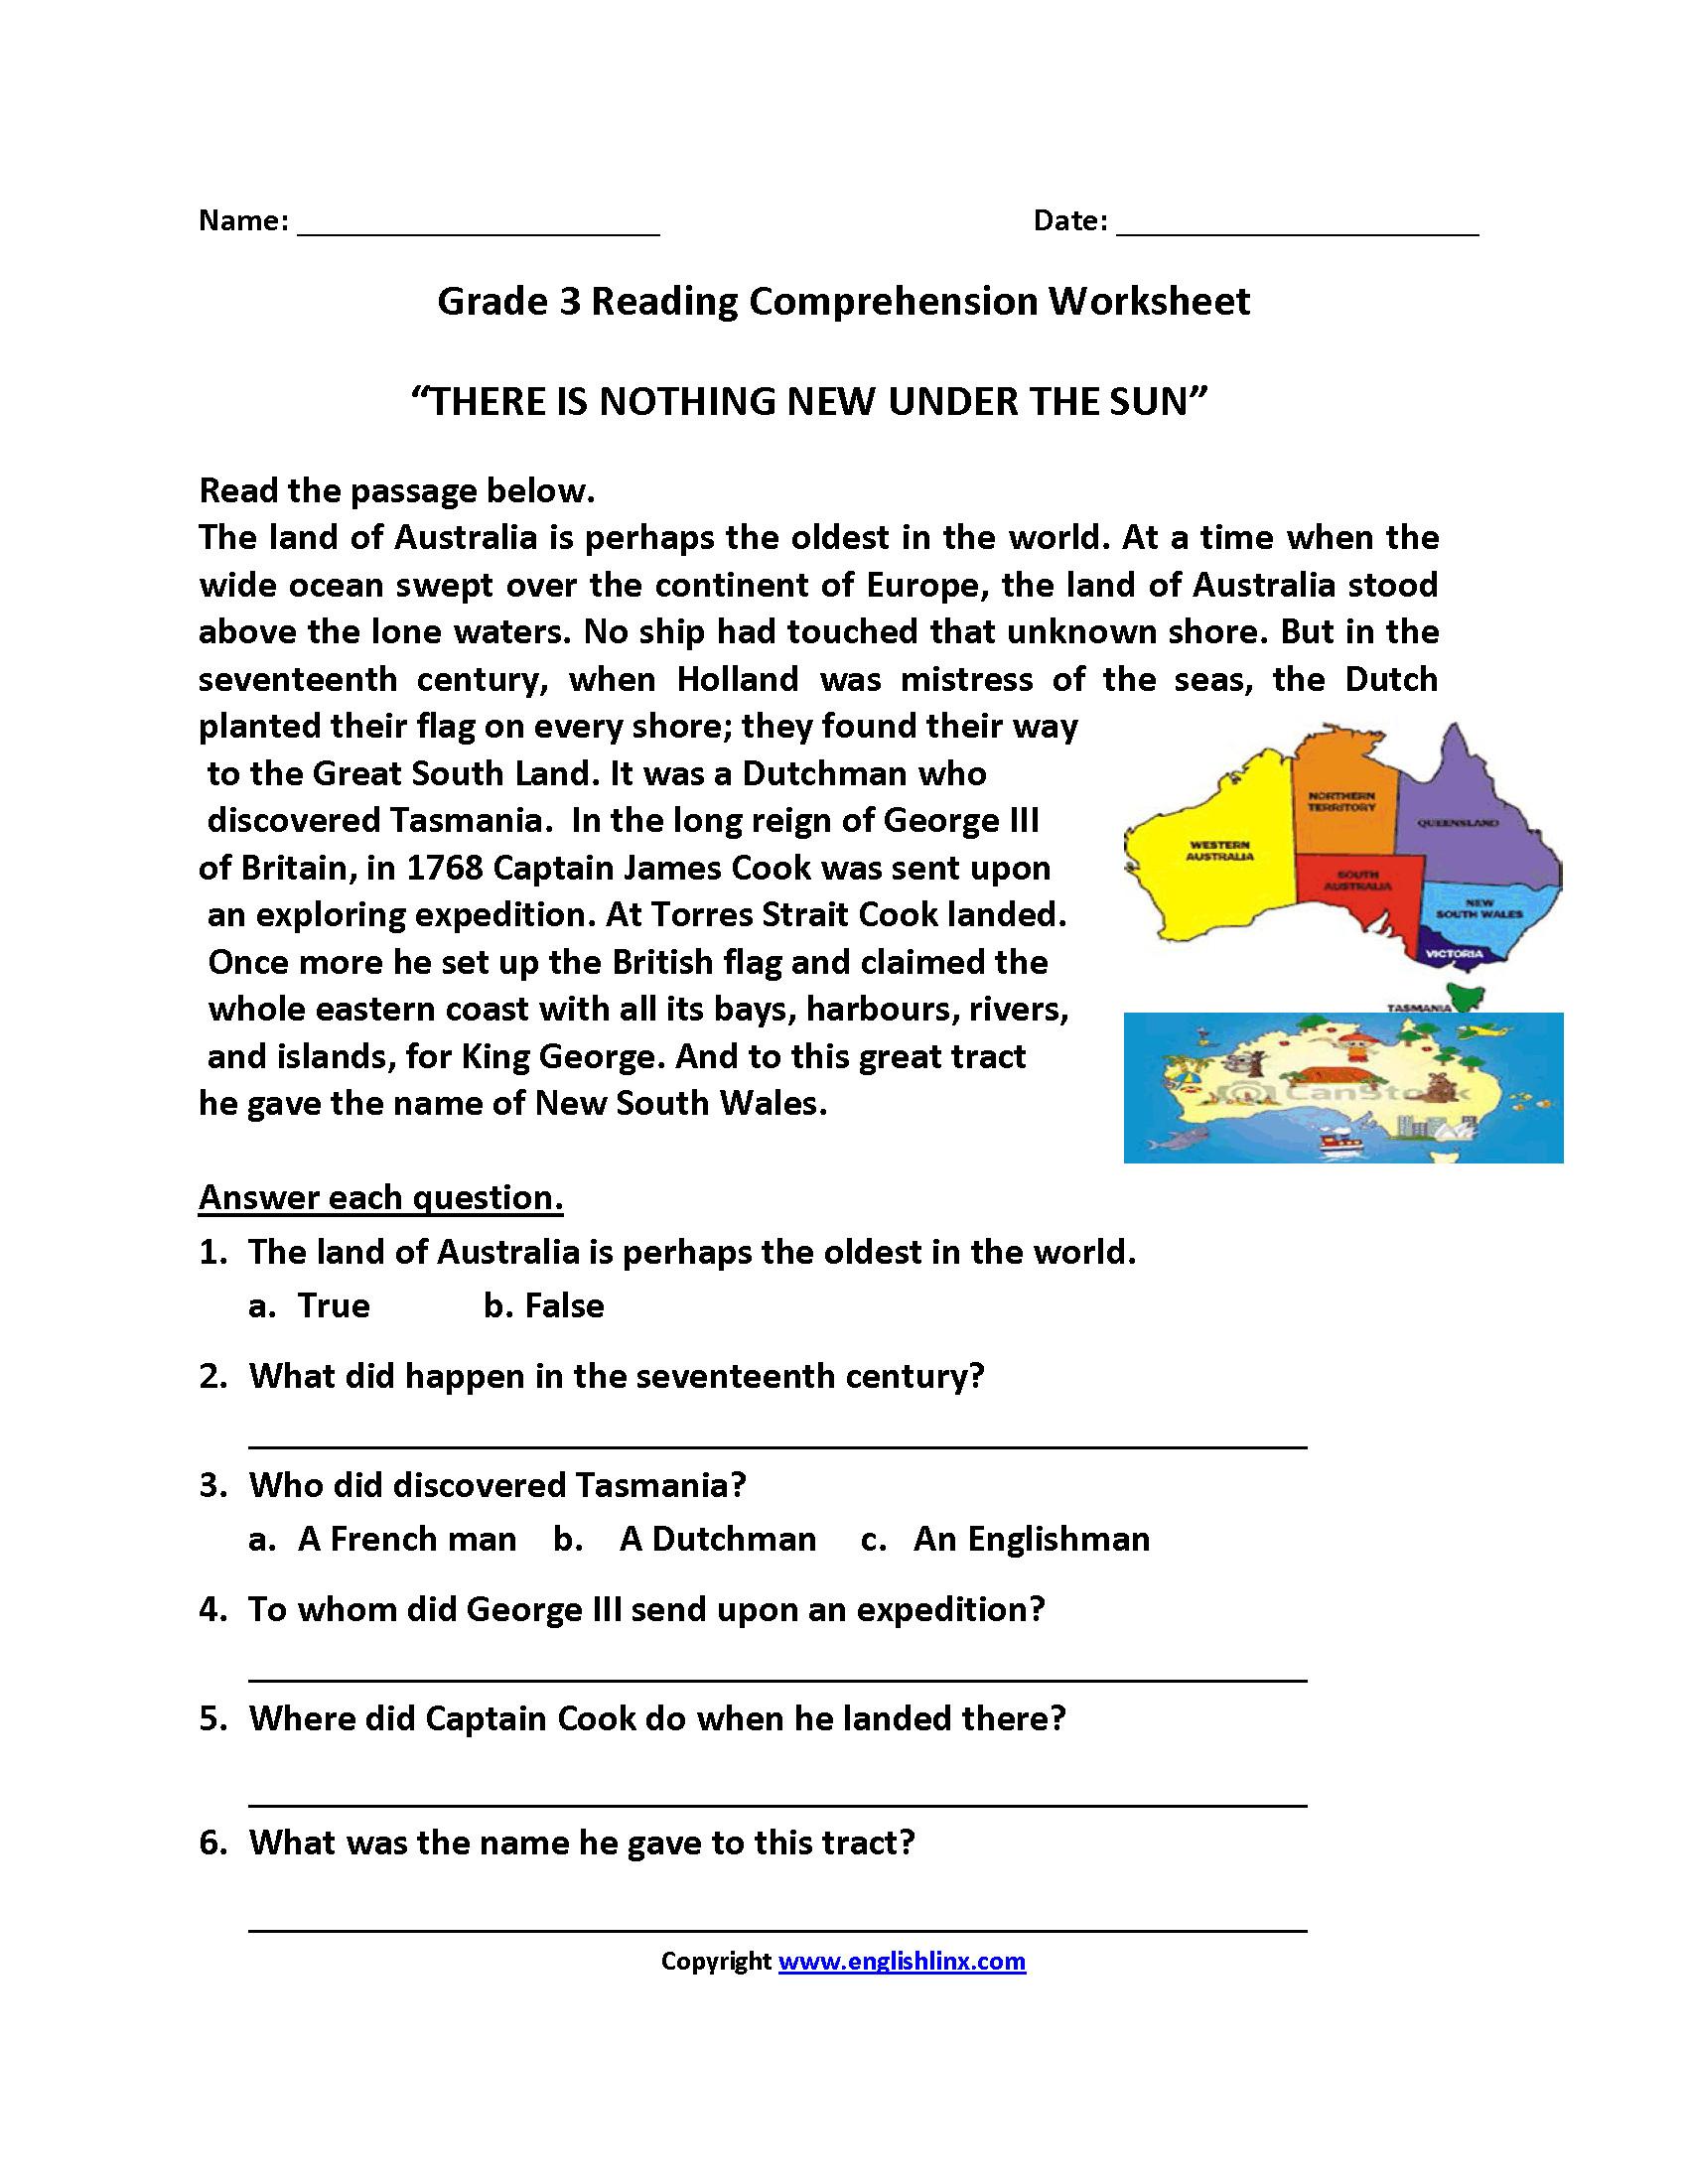 Comprehension Worksheets For Grade 4 — excelguider.com